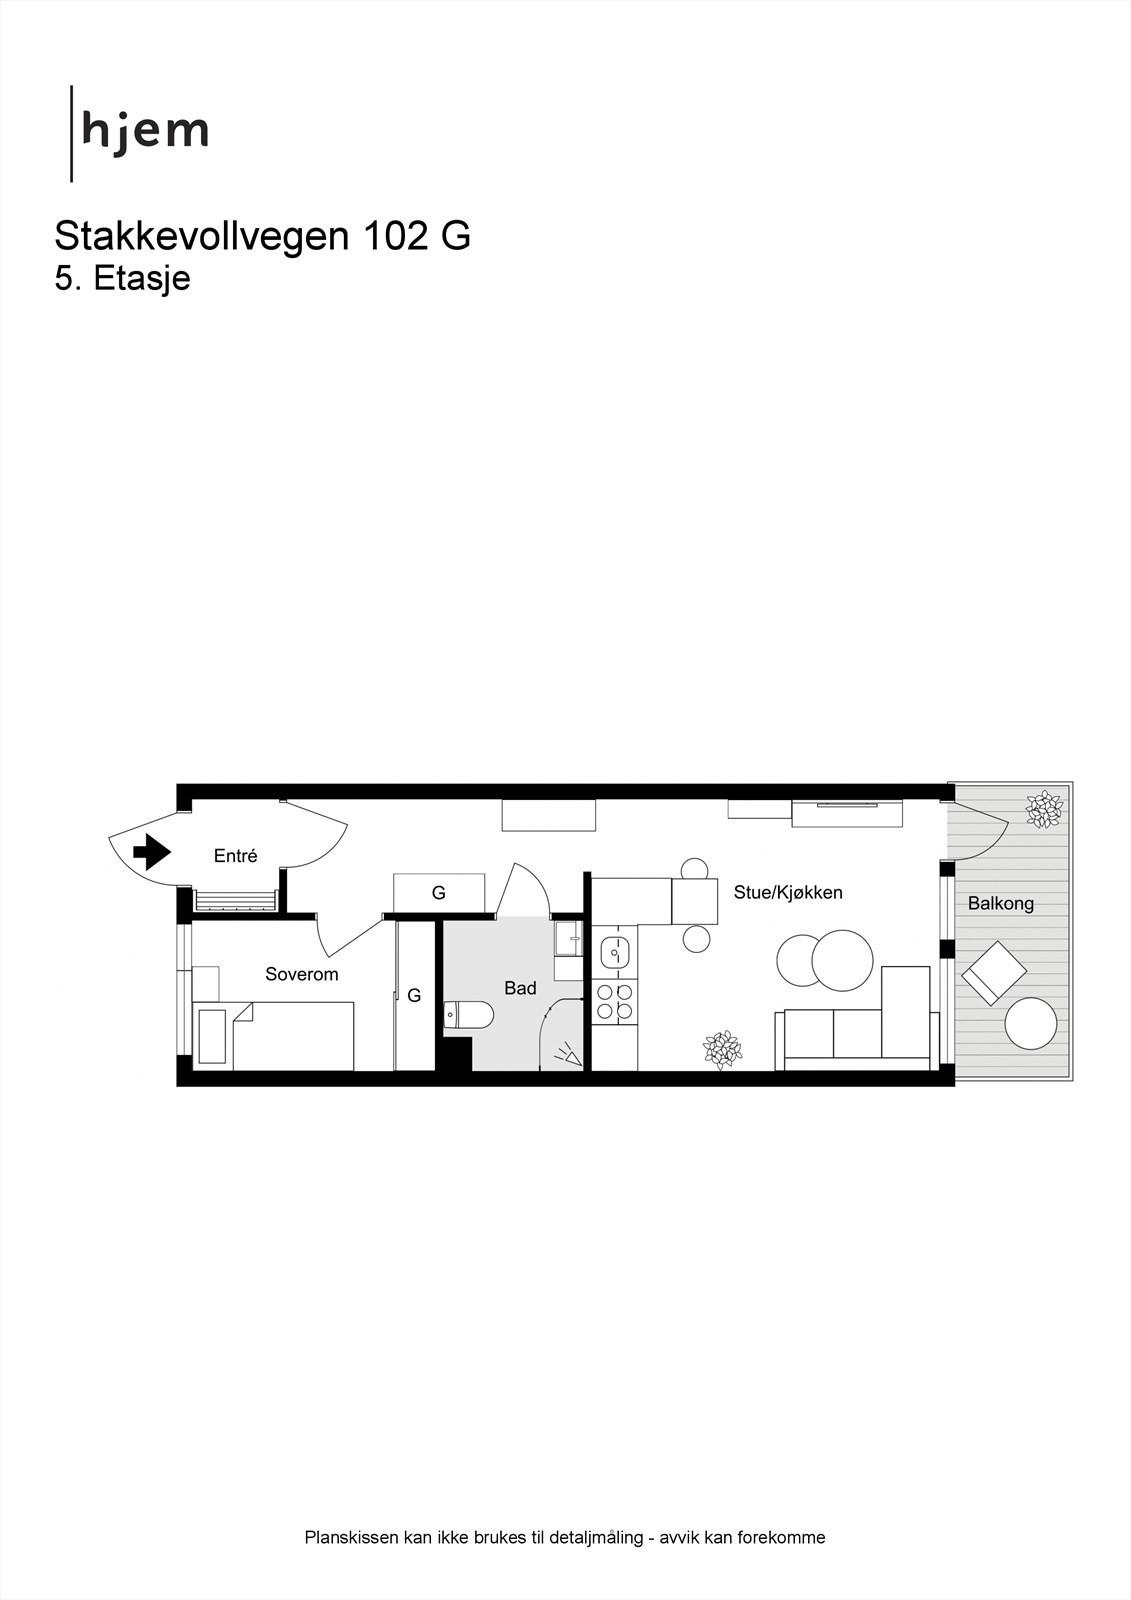 2D planillustrasjon